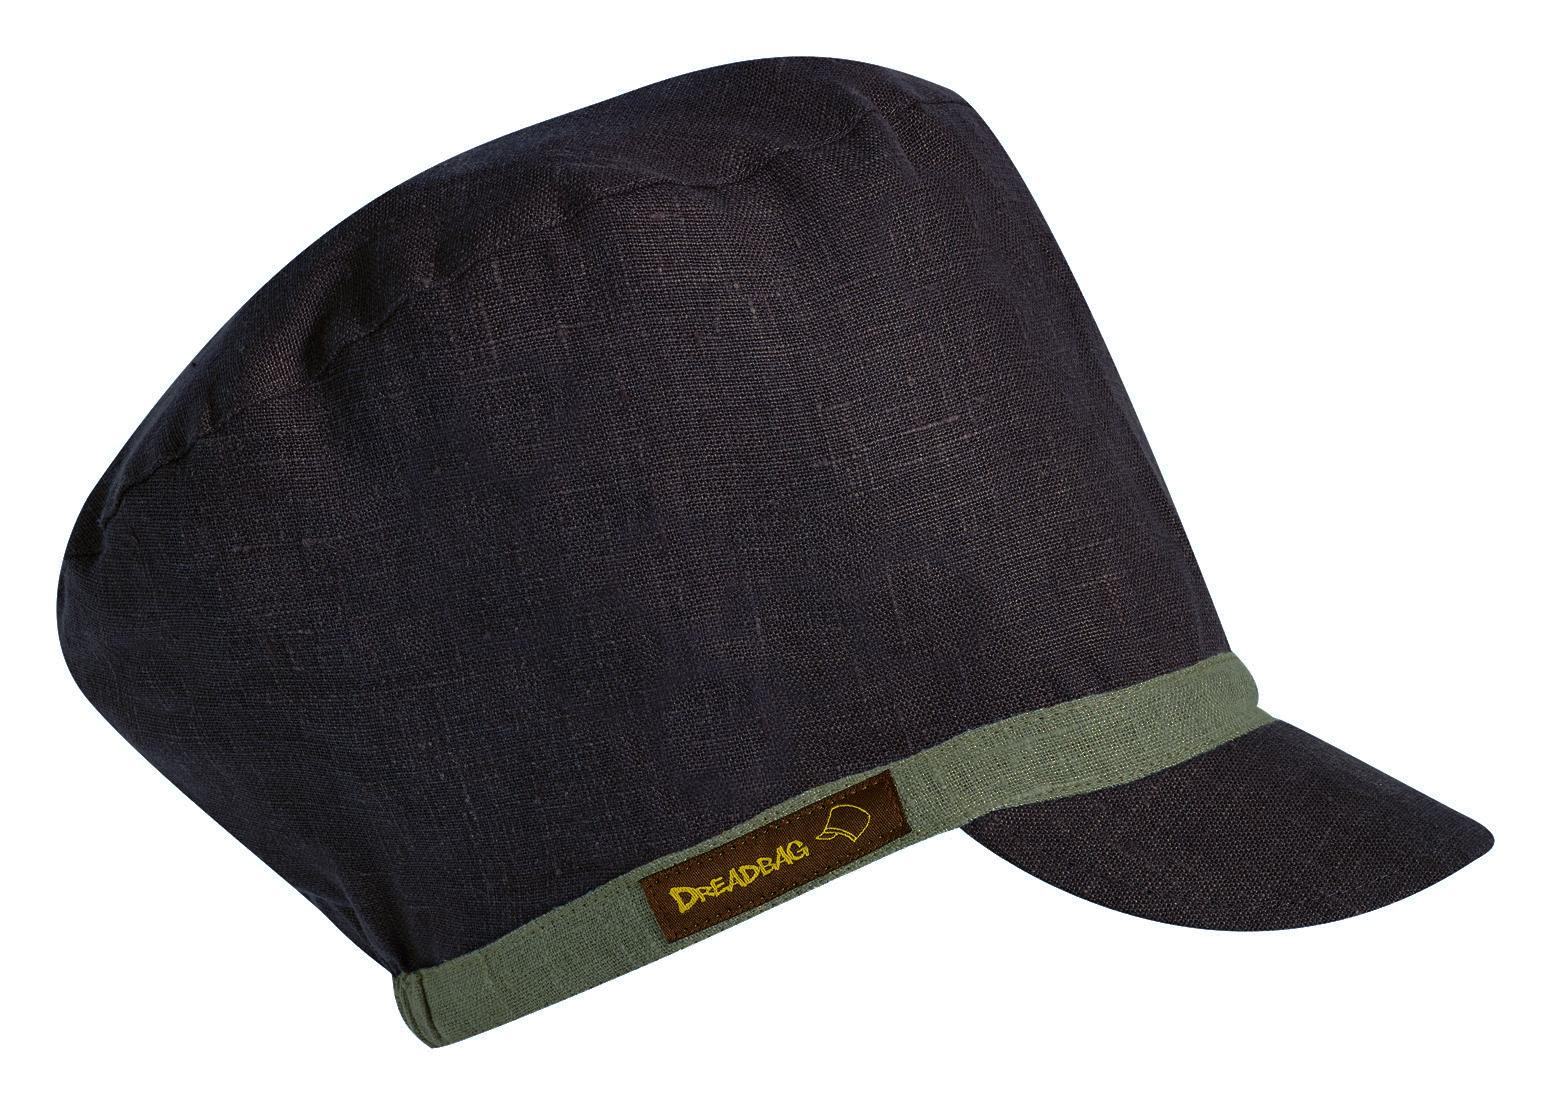 Kúpiť klobúk Dreadlocks